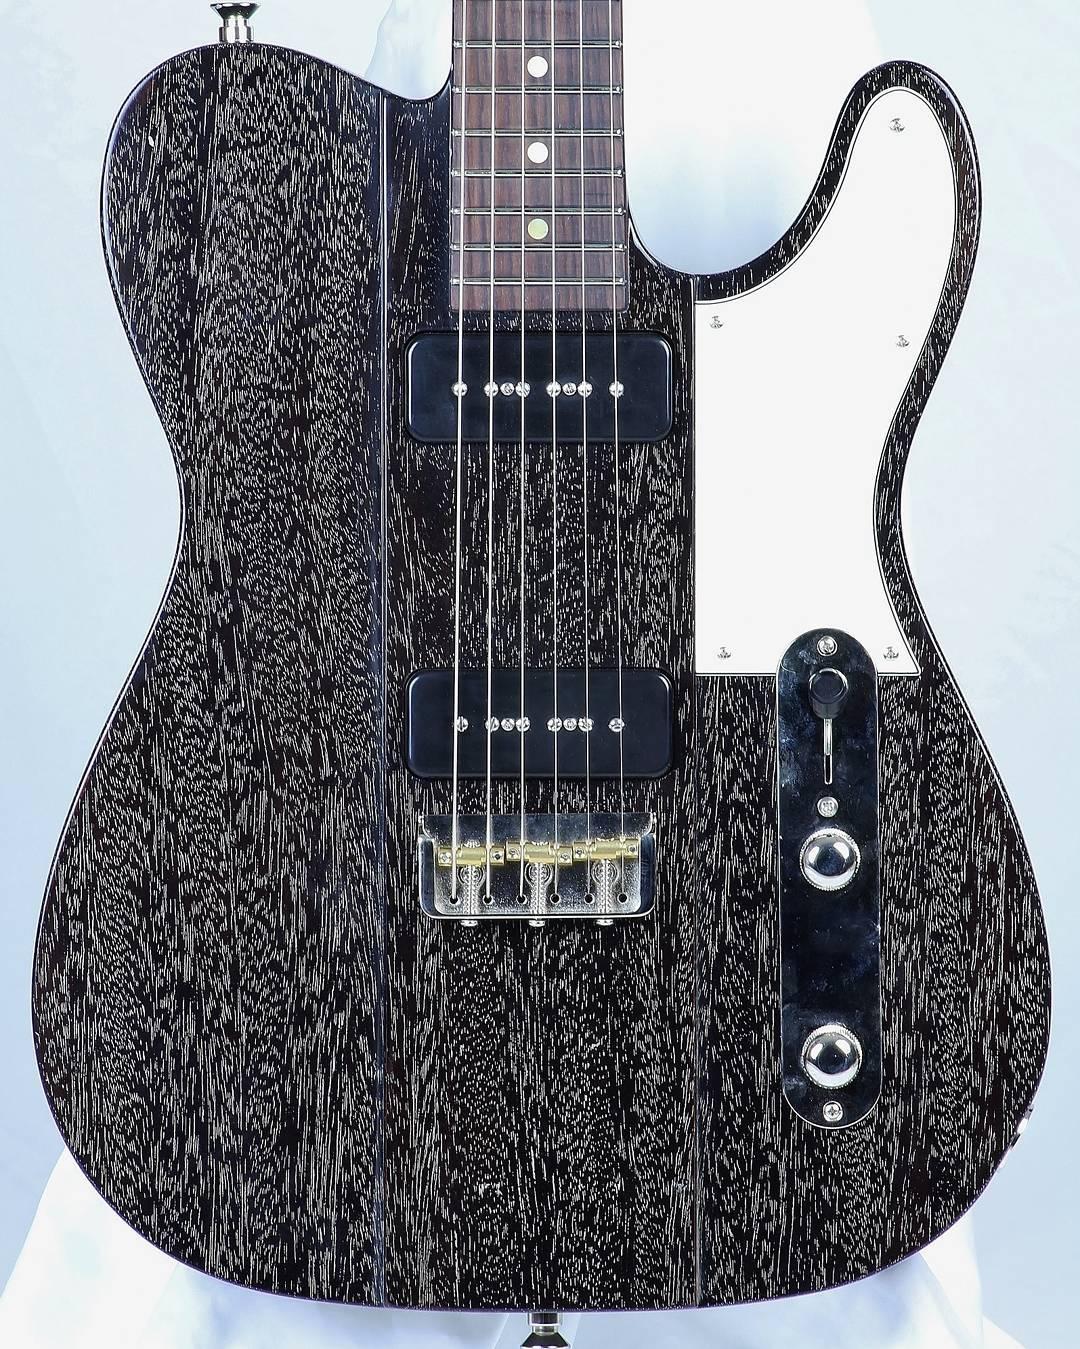 B3 Gene Baker Guitars